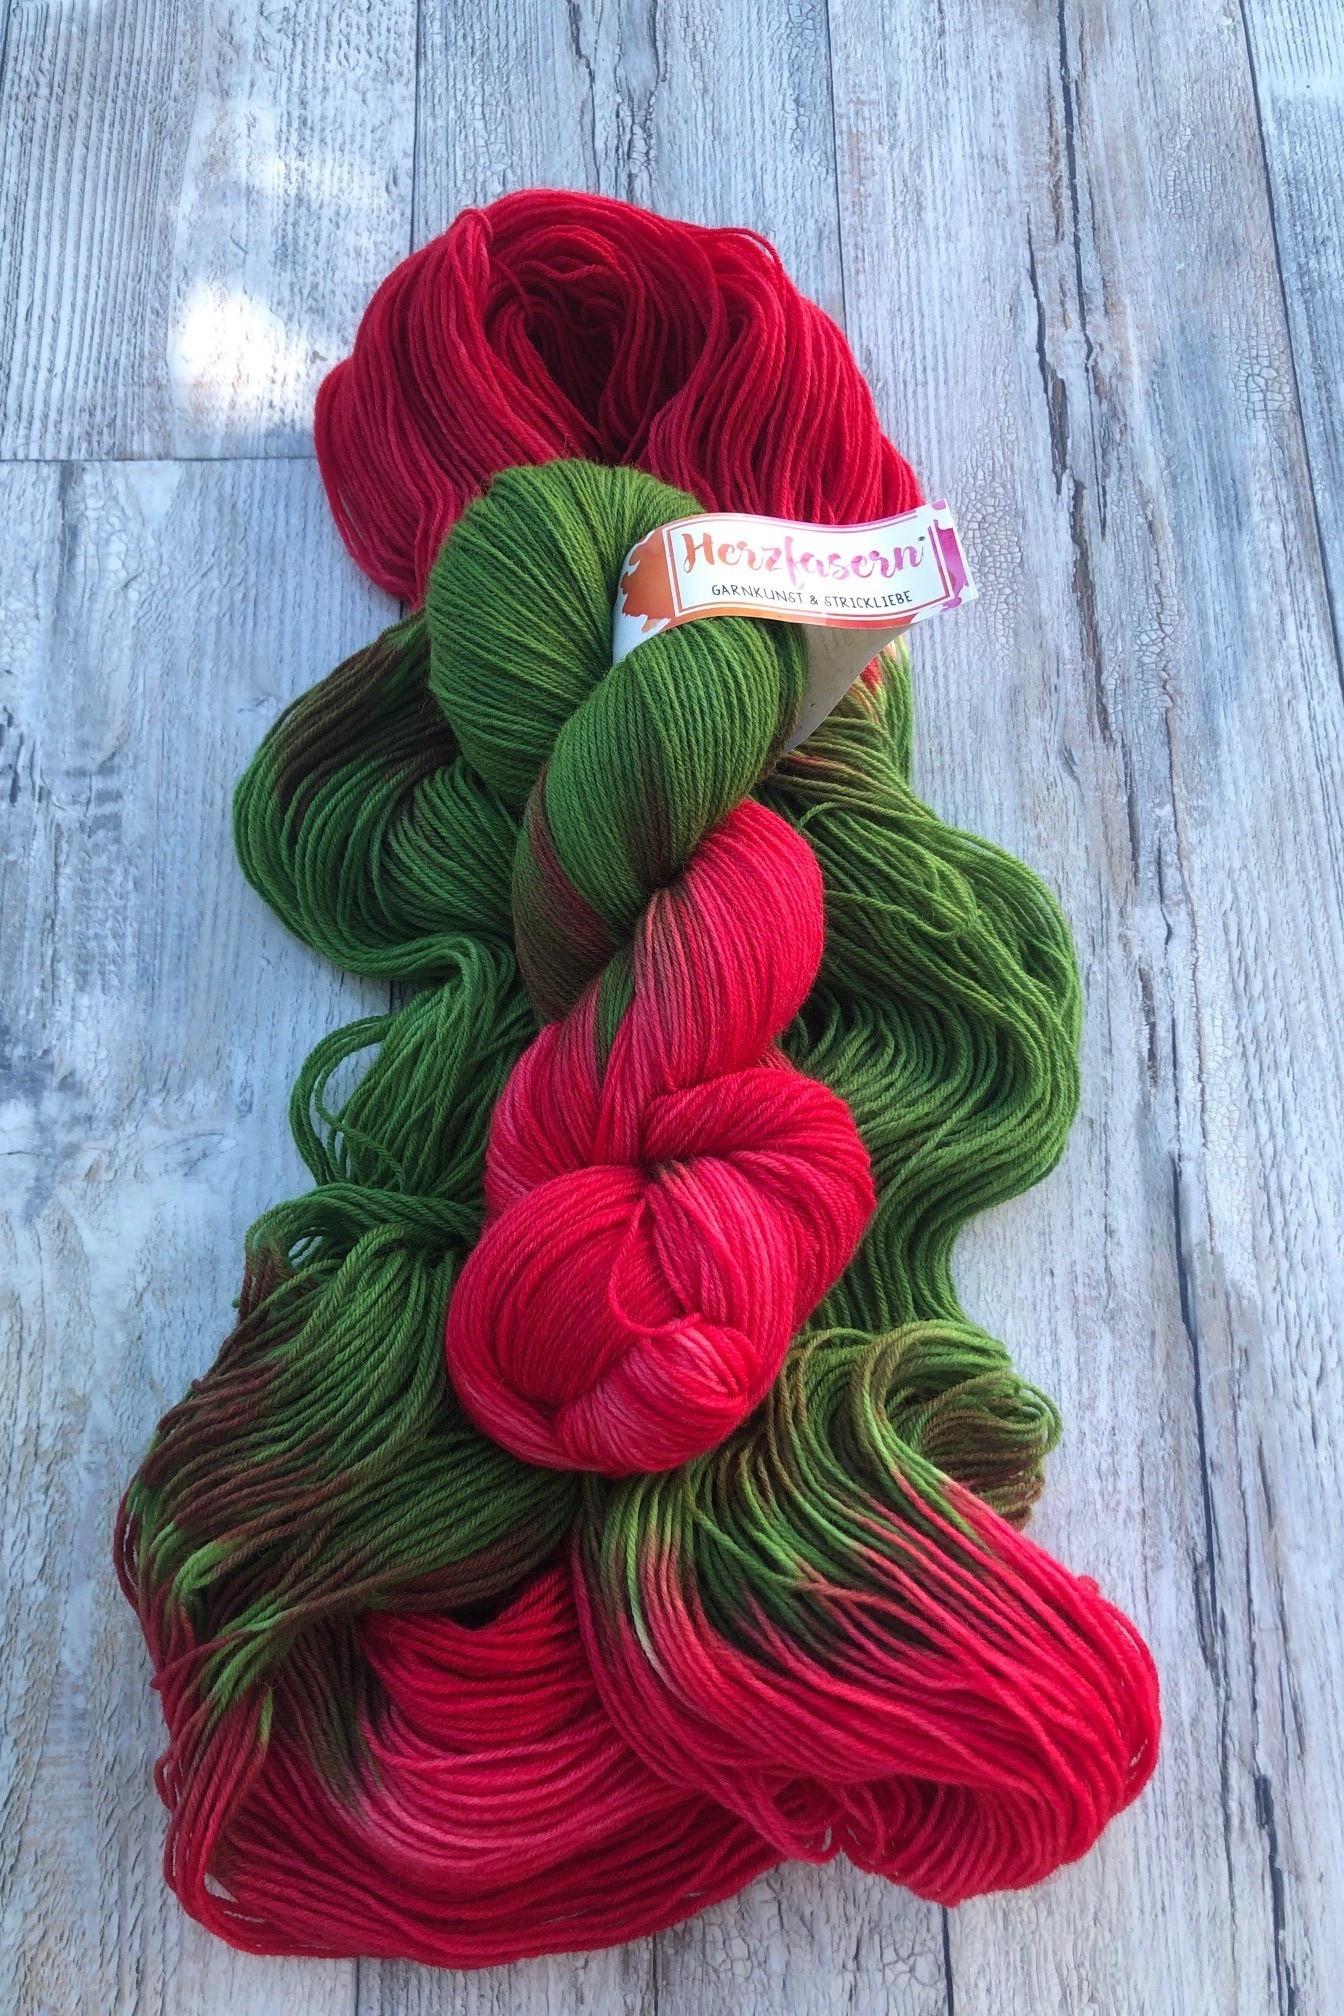 Herzfasern Sockenwolle - Rotkäpchen